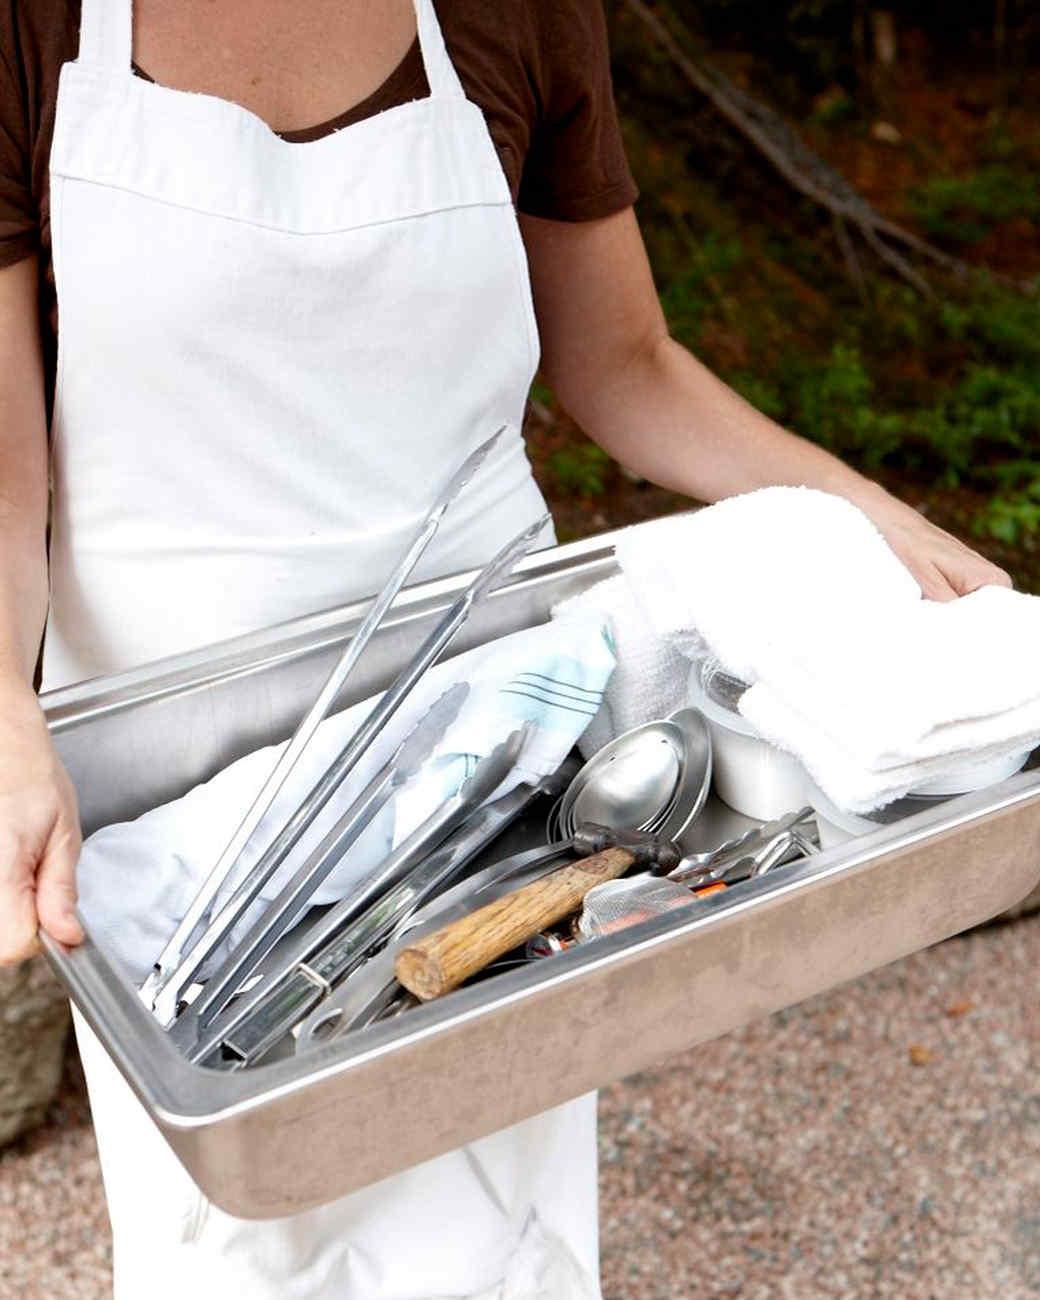 utensils-ld107757.jpg